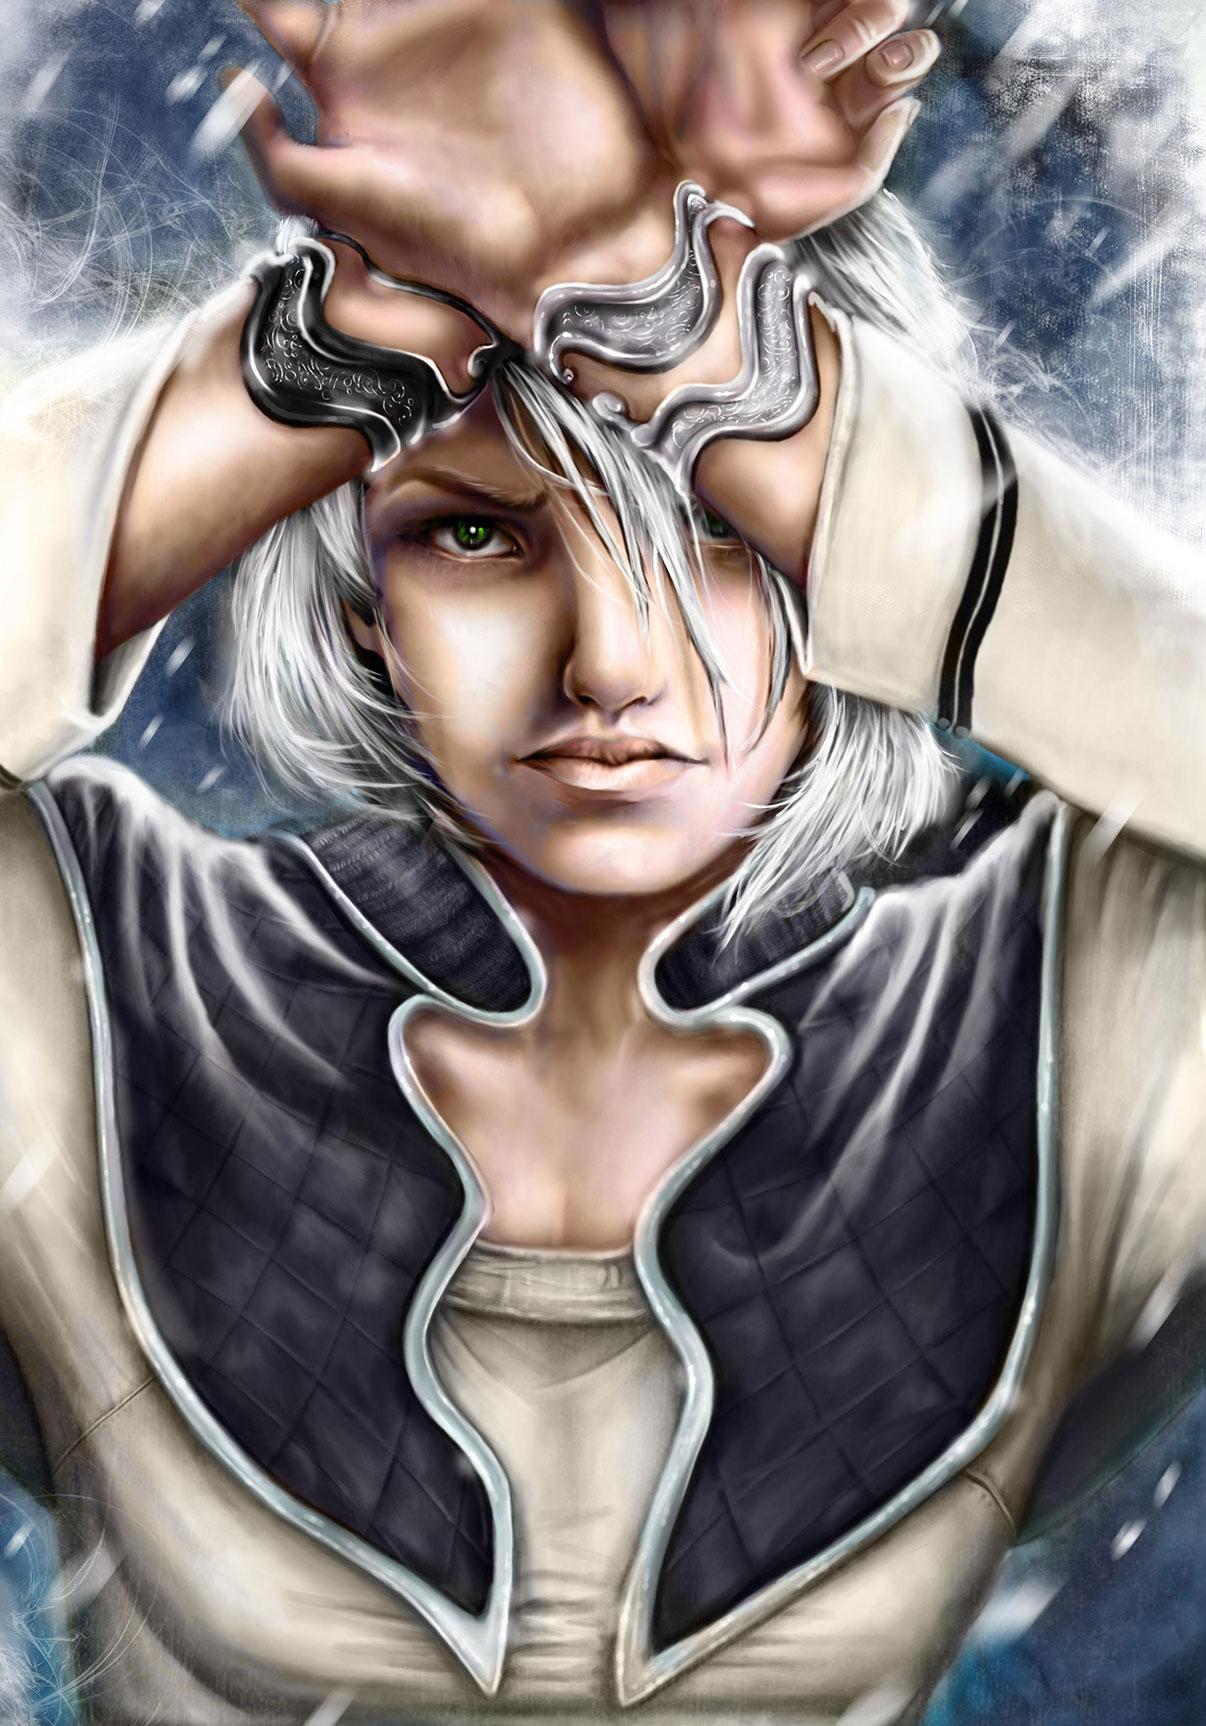 Immagine di Gotland - Illustrazione fantasy tratta da I Guerrieri d'argento - Le Cronache dei 5 Regni - Elvio Ravasio, autore di libri fantasy